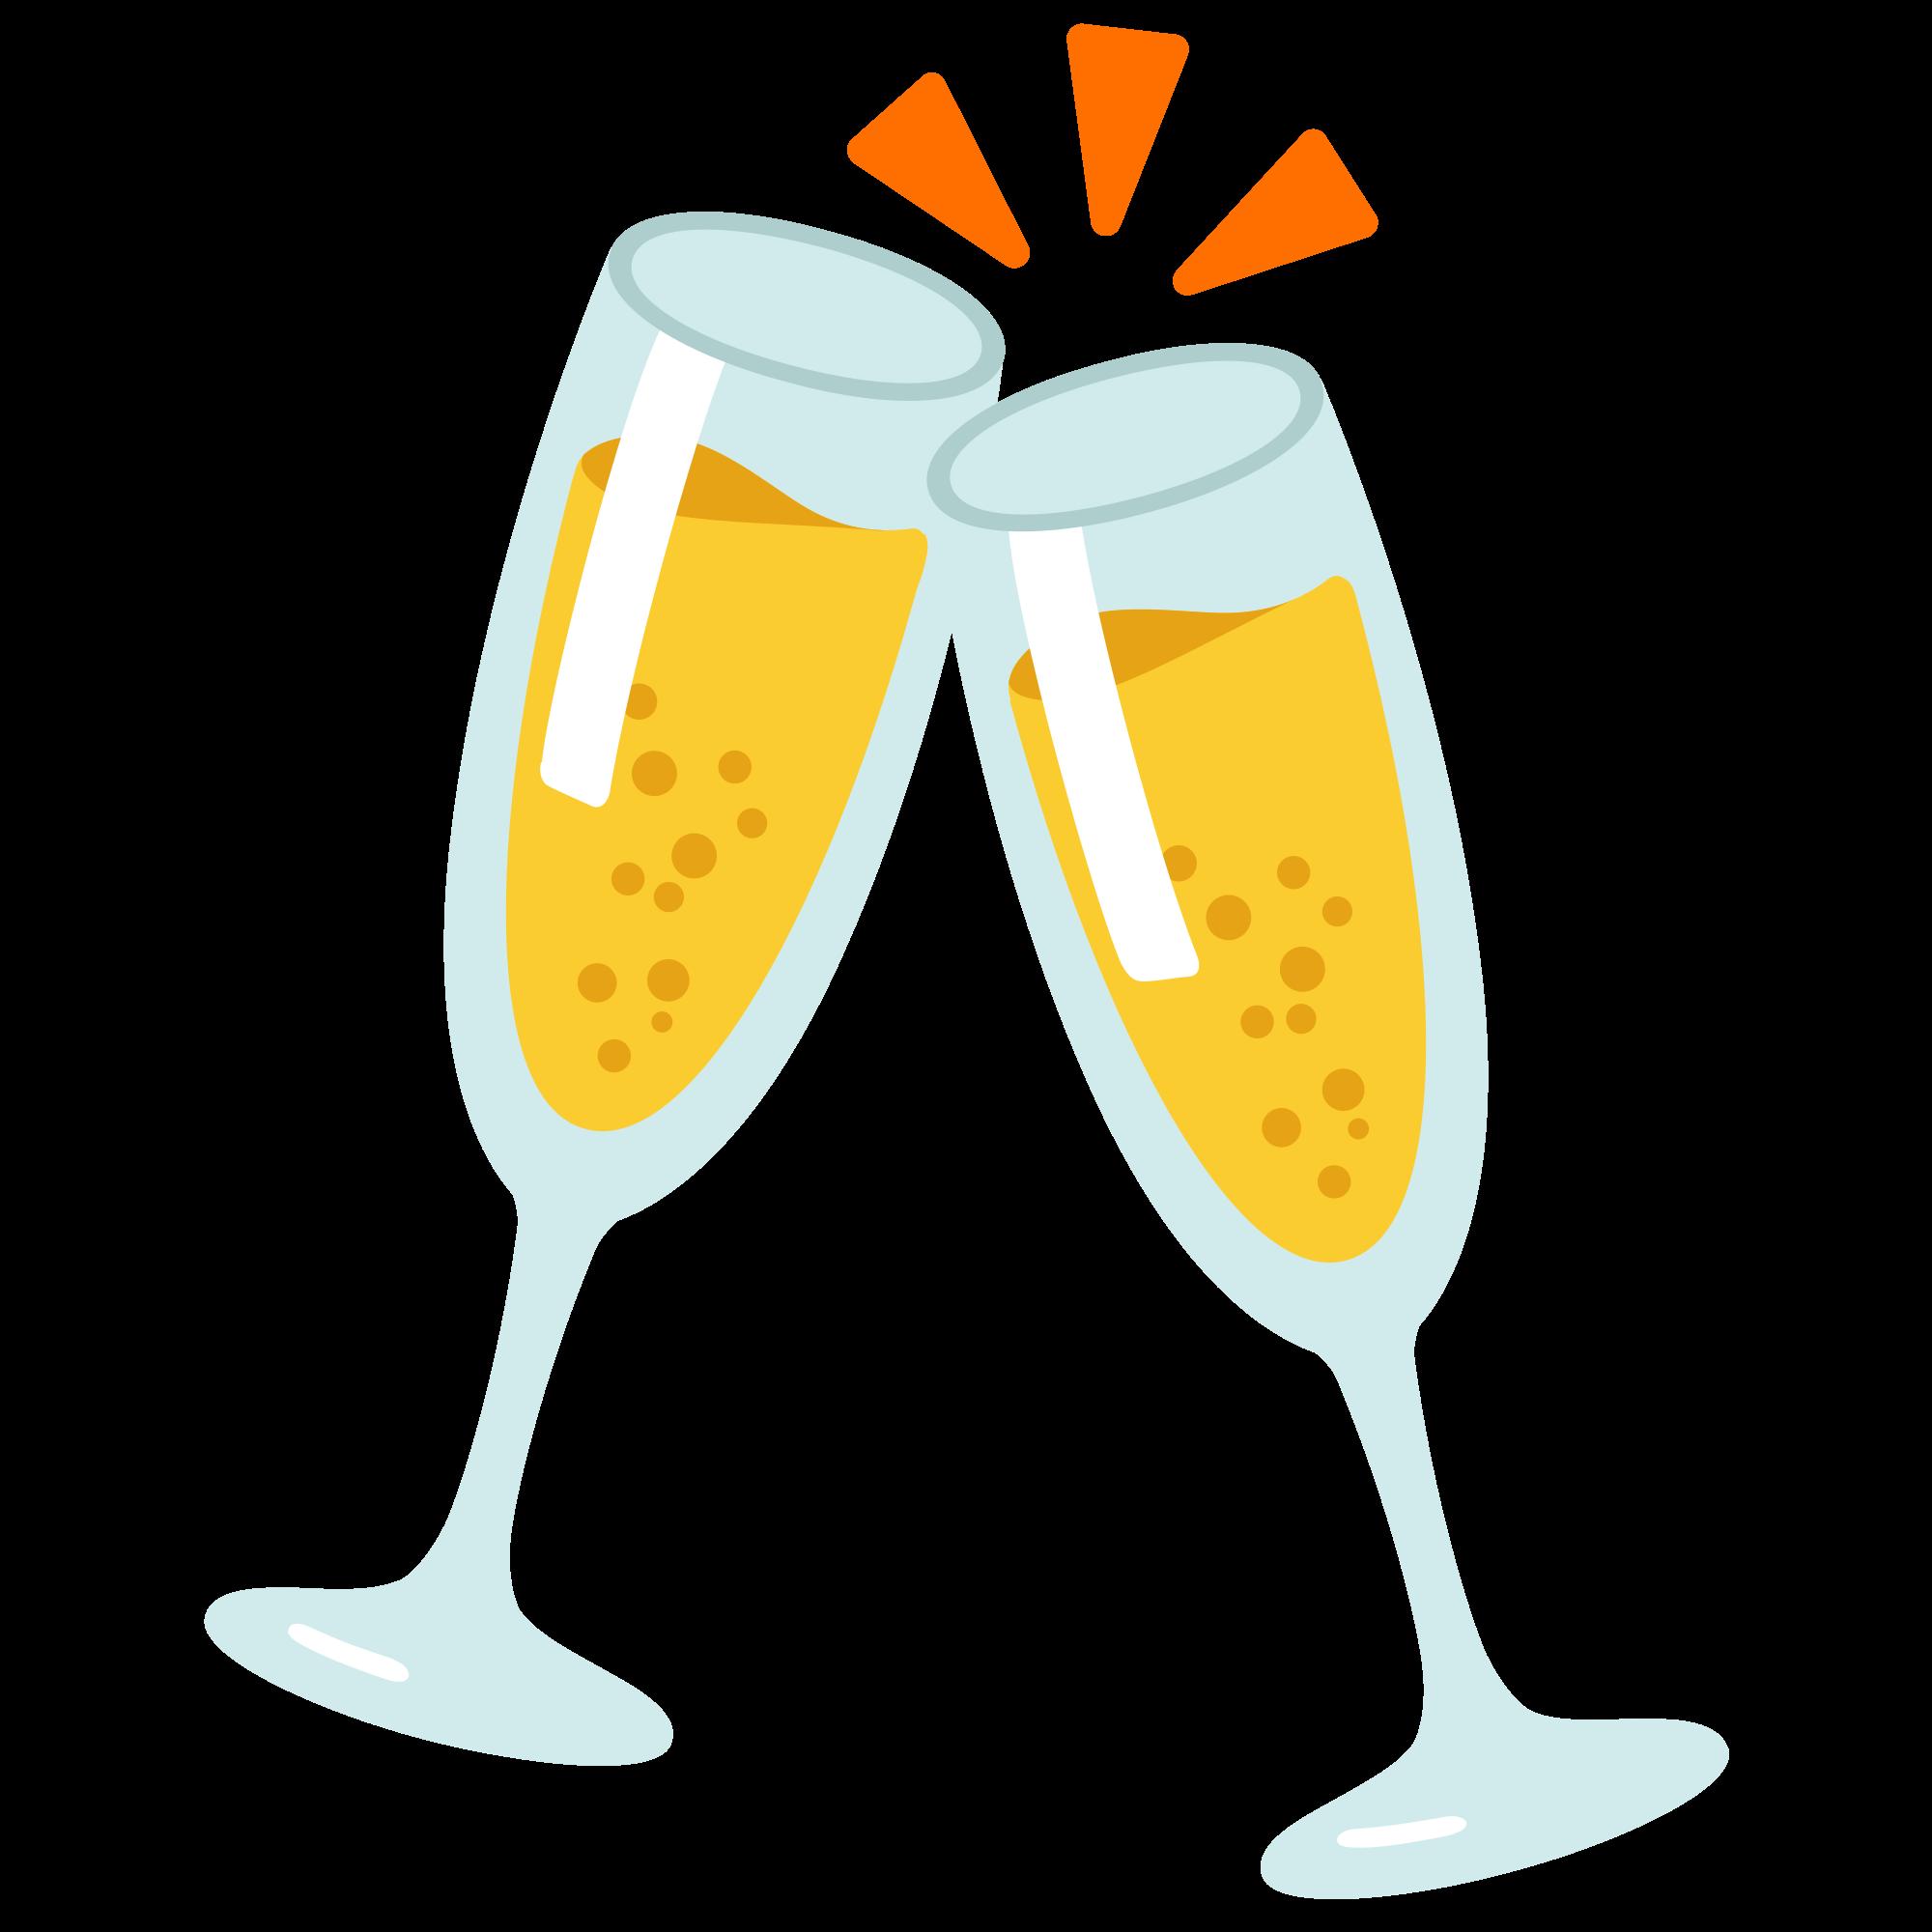 banner royalty free download Champagne clipart svg. File emoji u f.